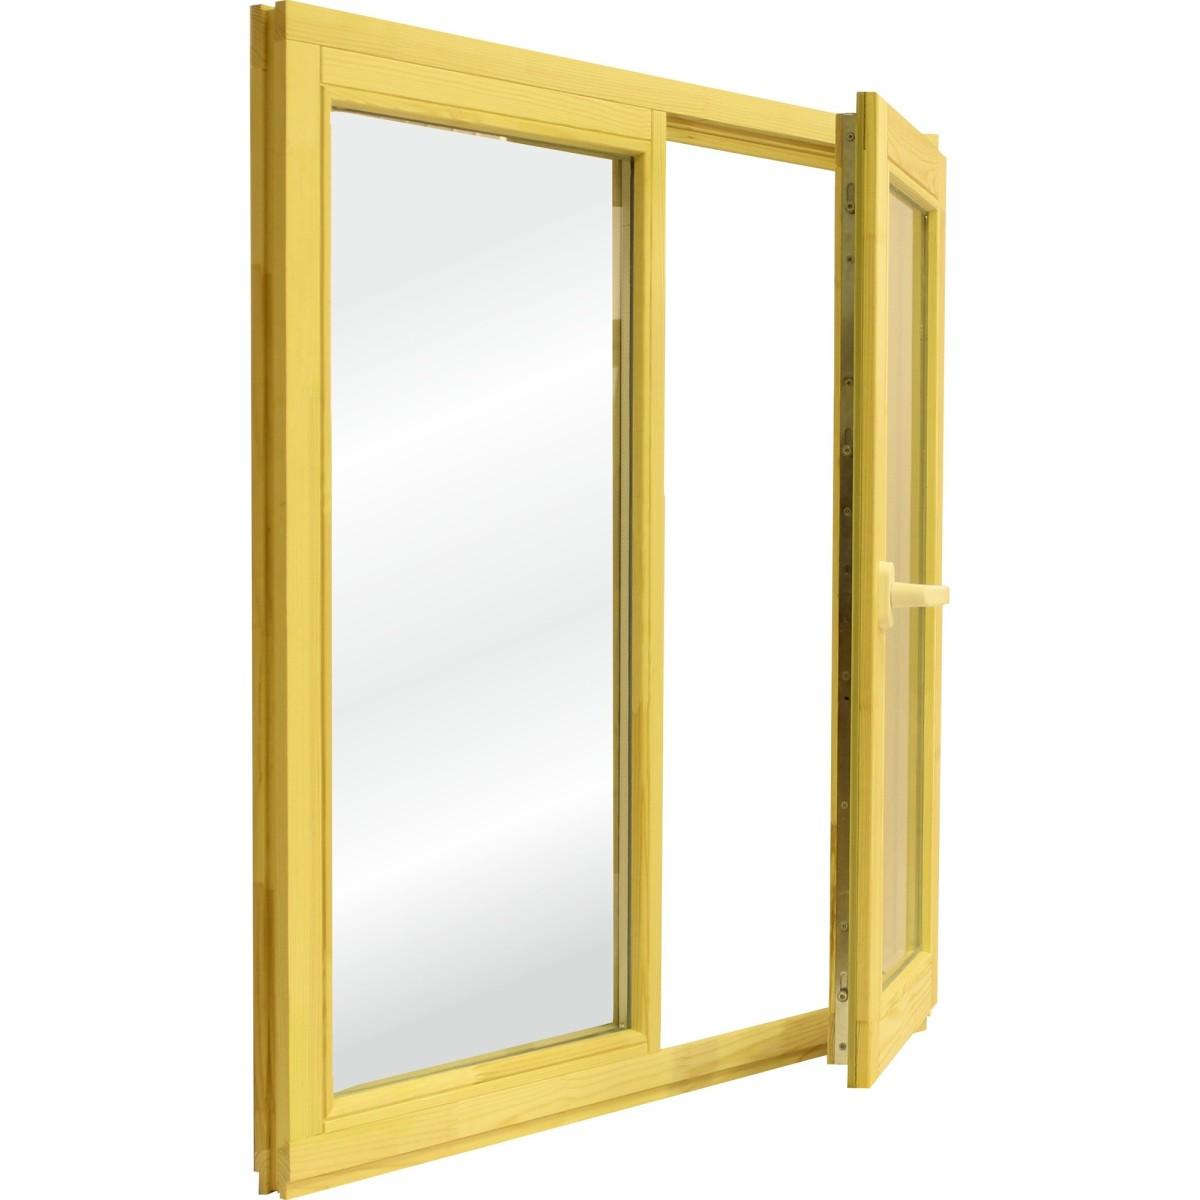 Окно деревянное 116х117 см глухое/поворотное однокамерный стеклопакет